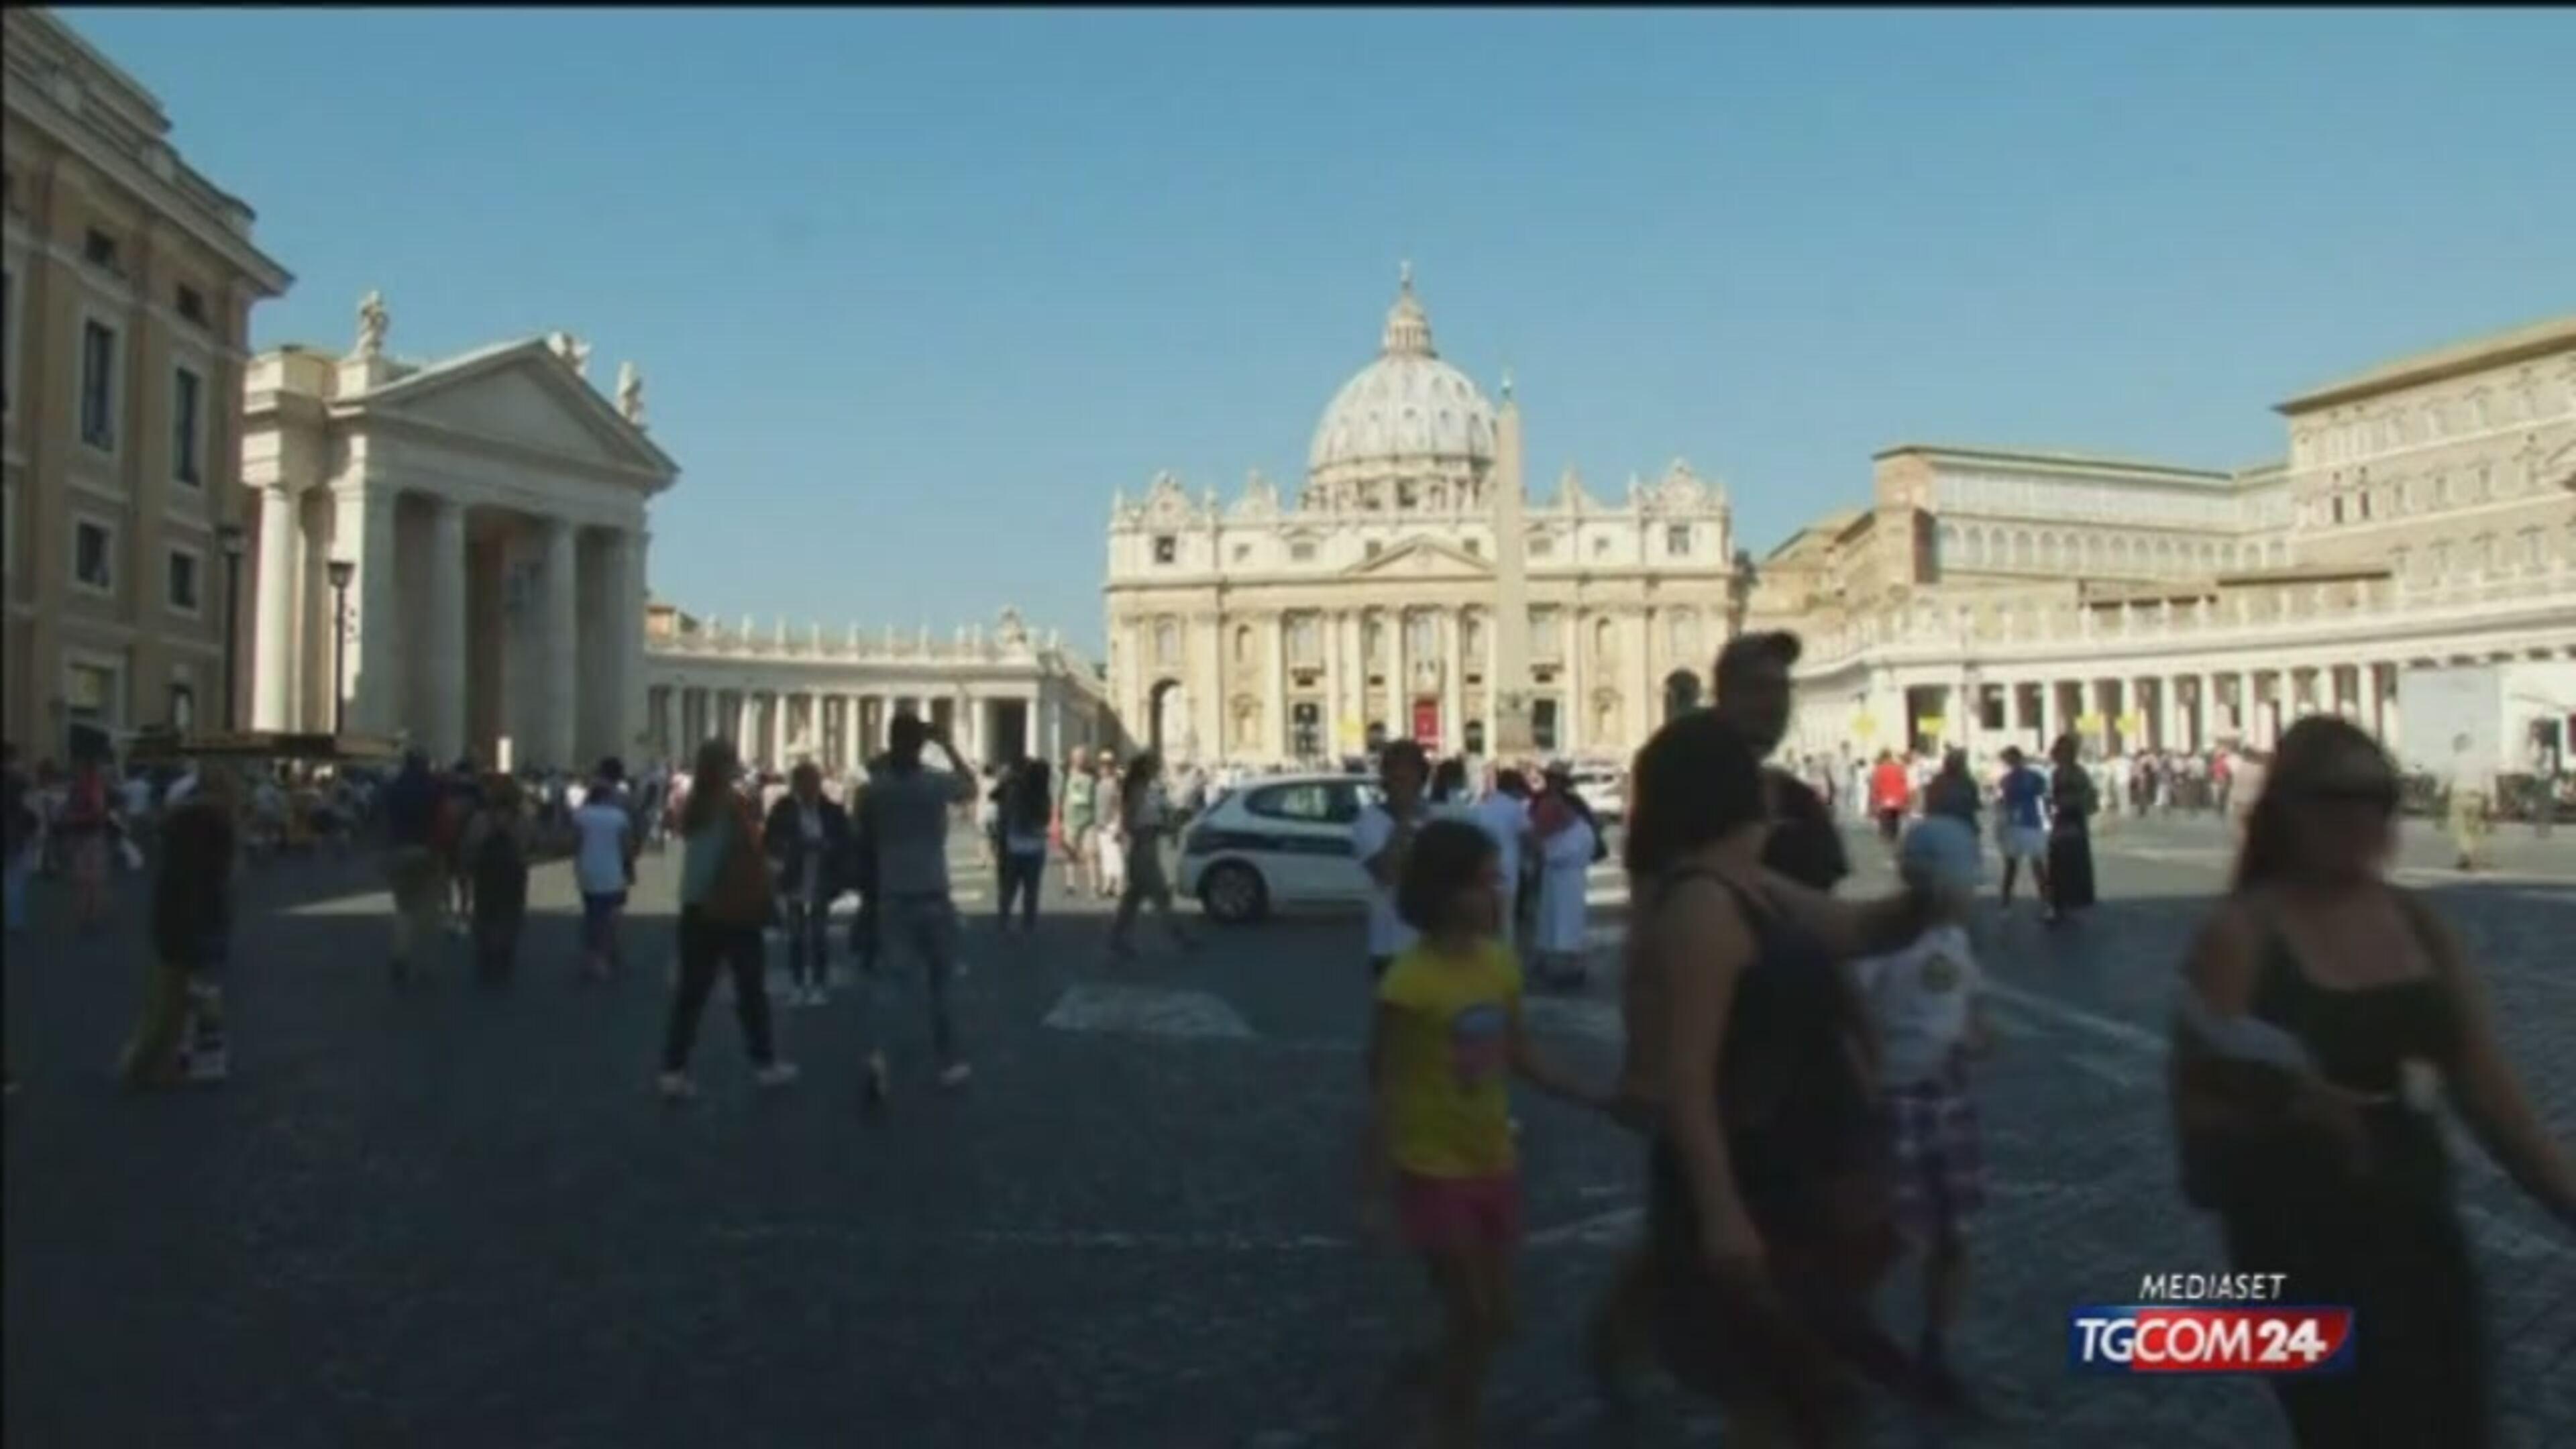 Madre Teresa, Roma sarà blindata